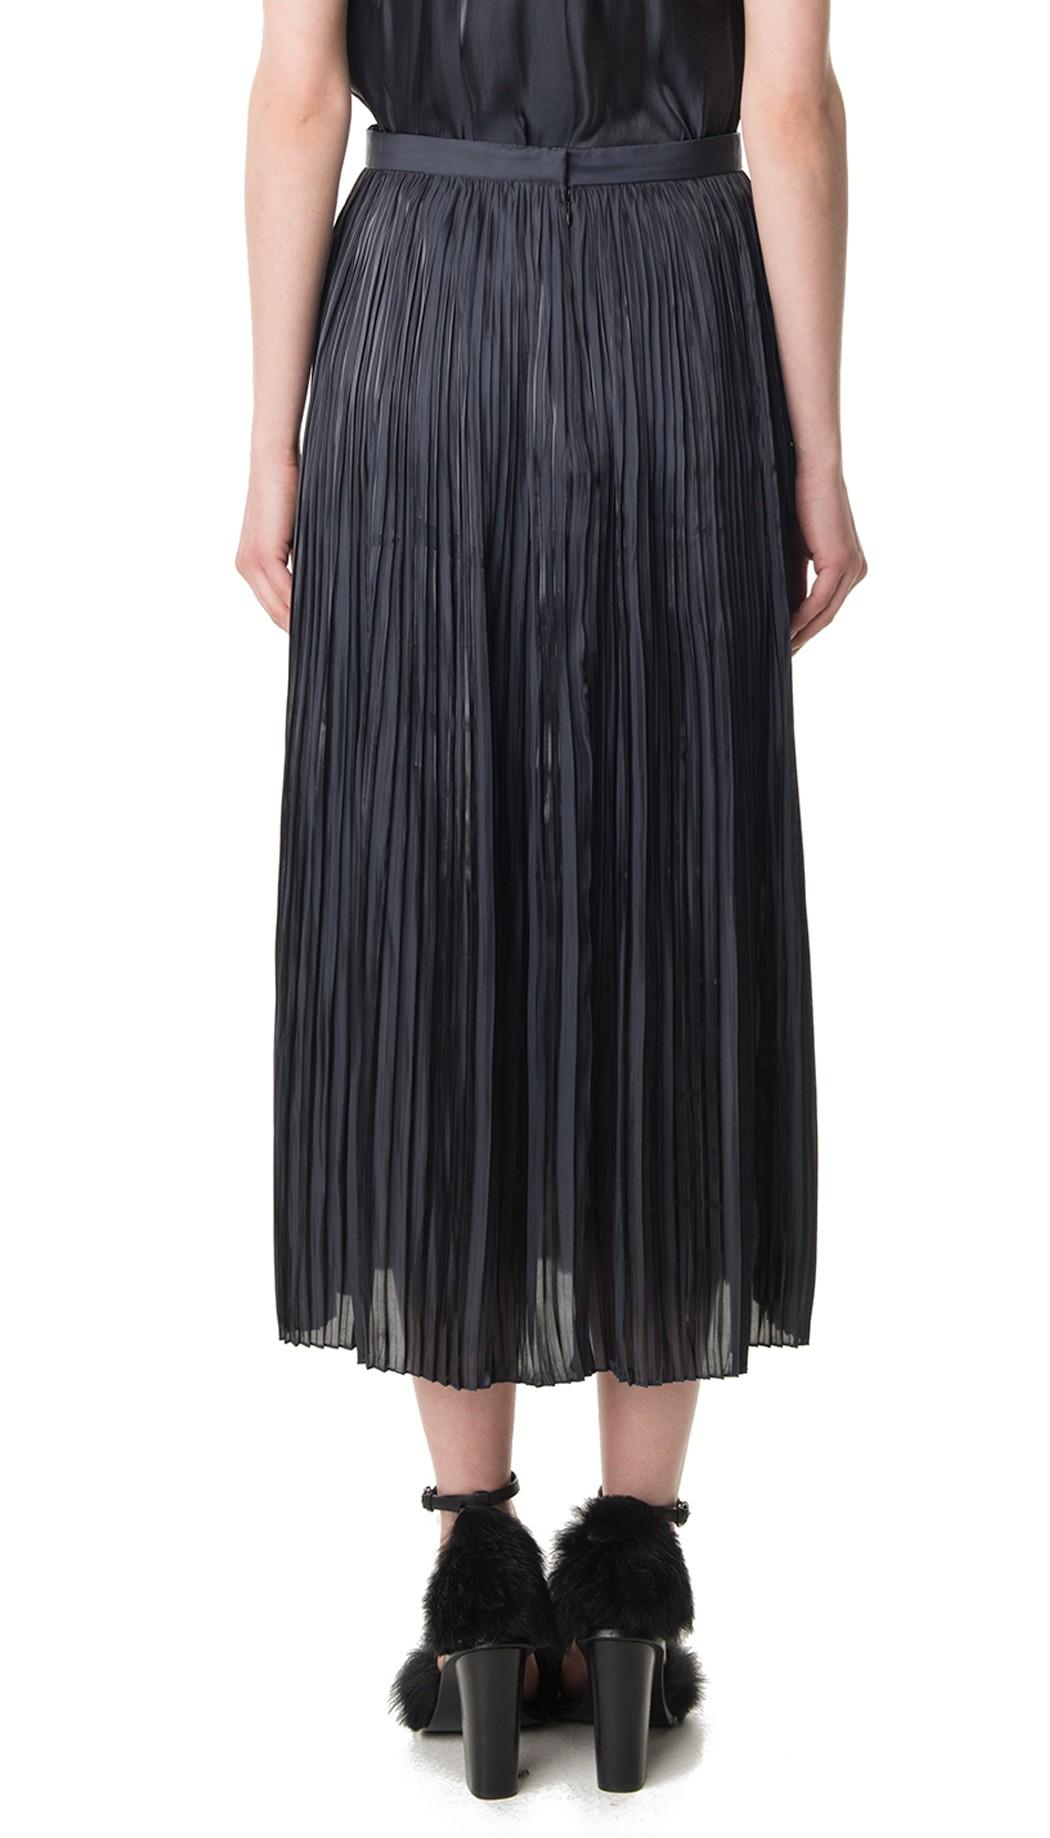 tibi flume pleated skirt in black lyst